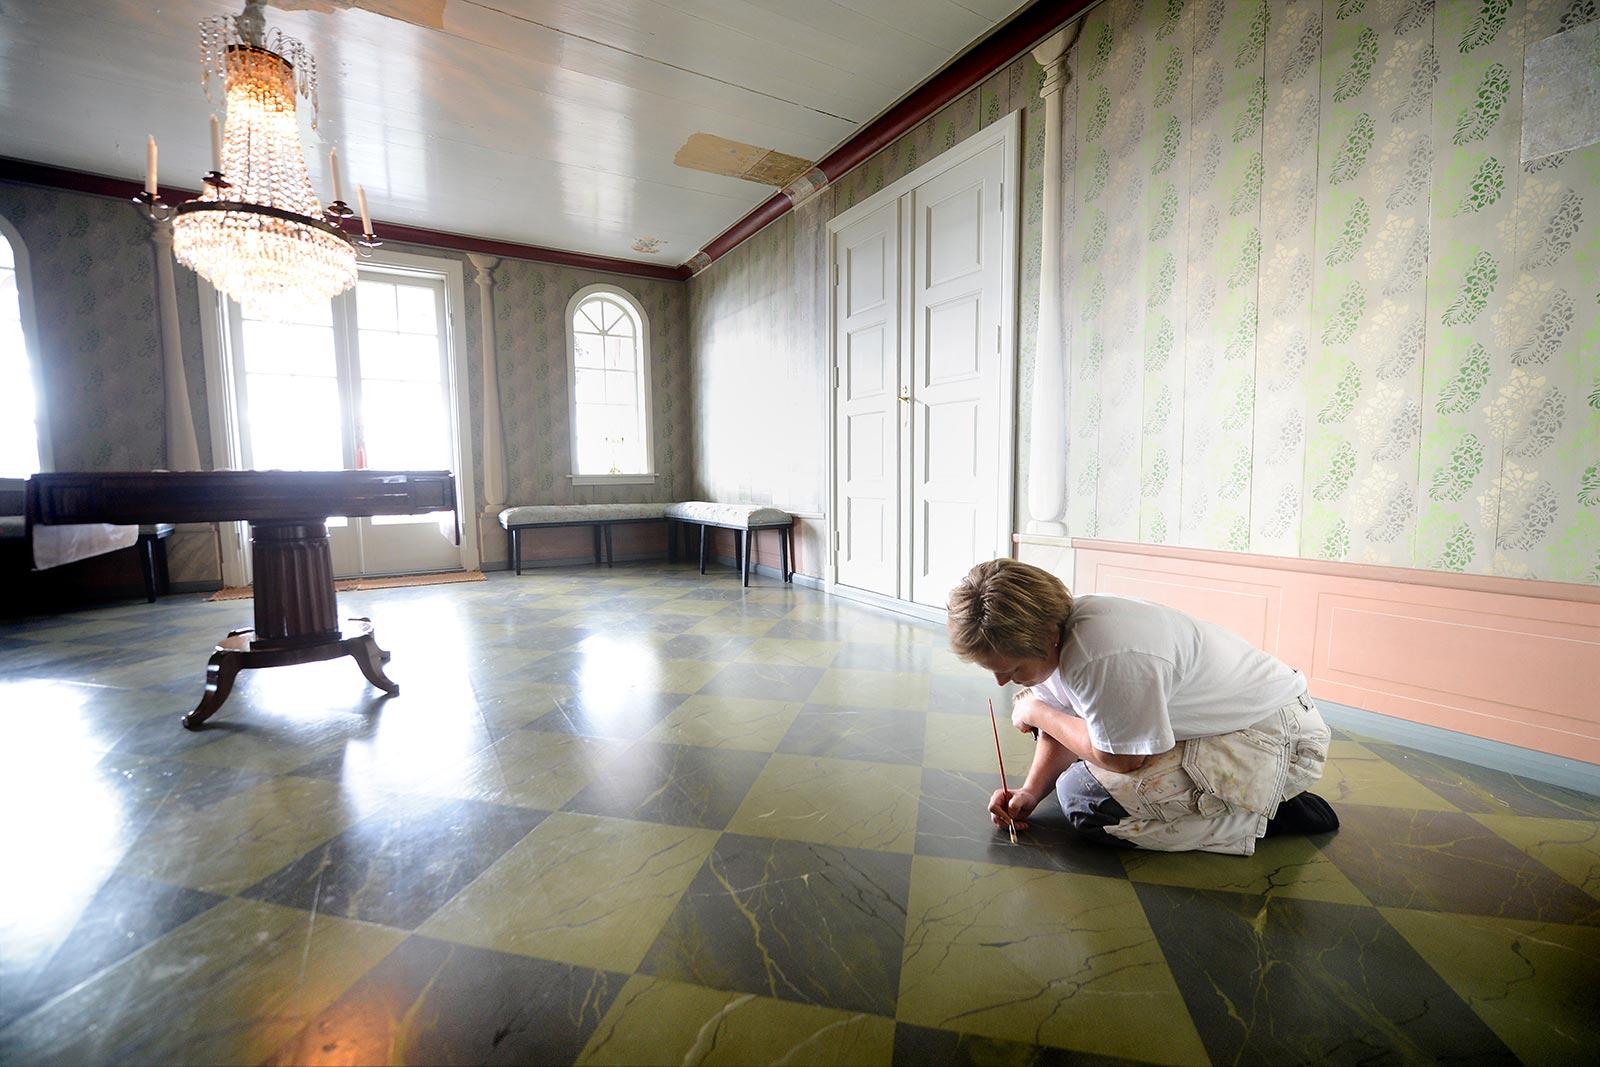 Dekormaler Anne Louise Gjør ferdigstiller hagestuen